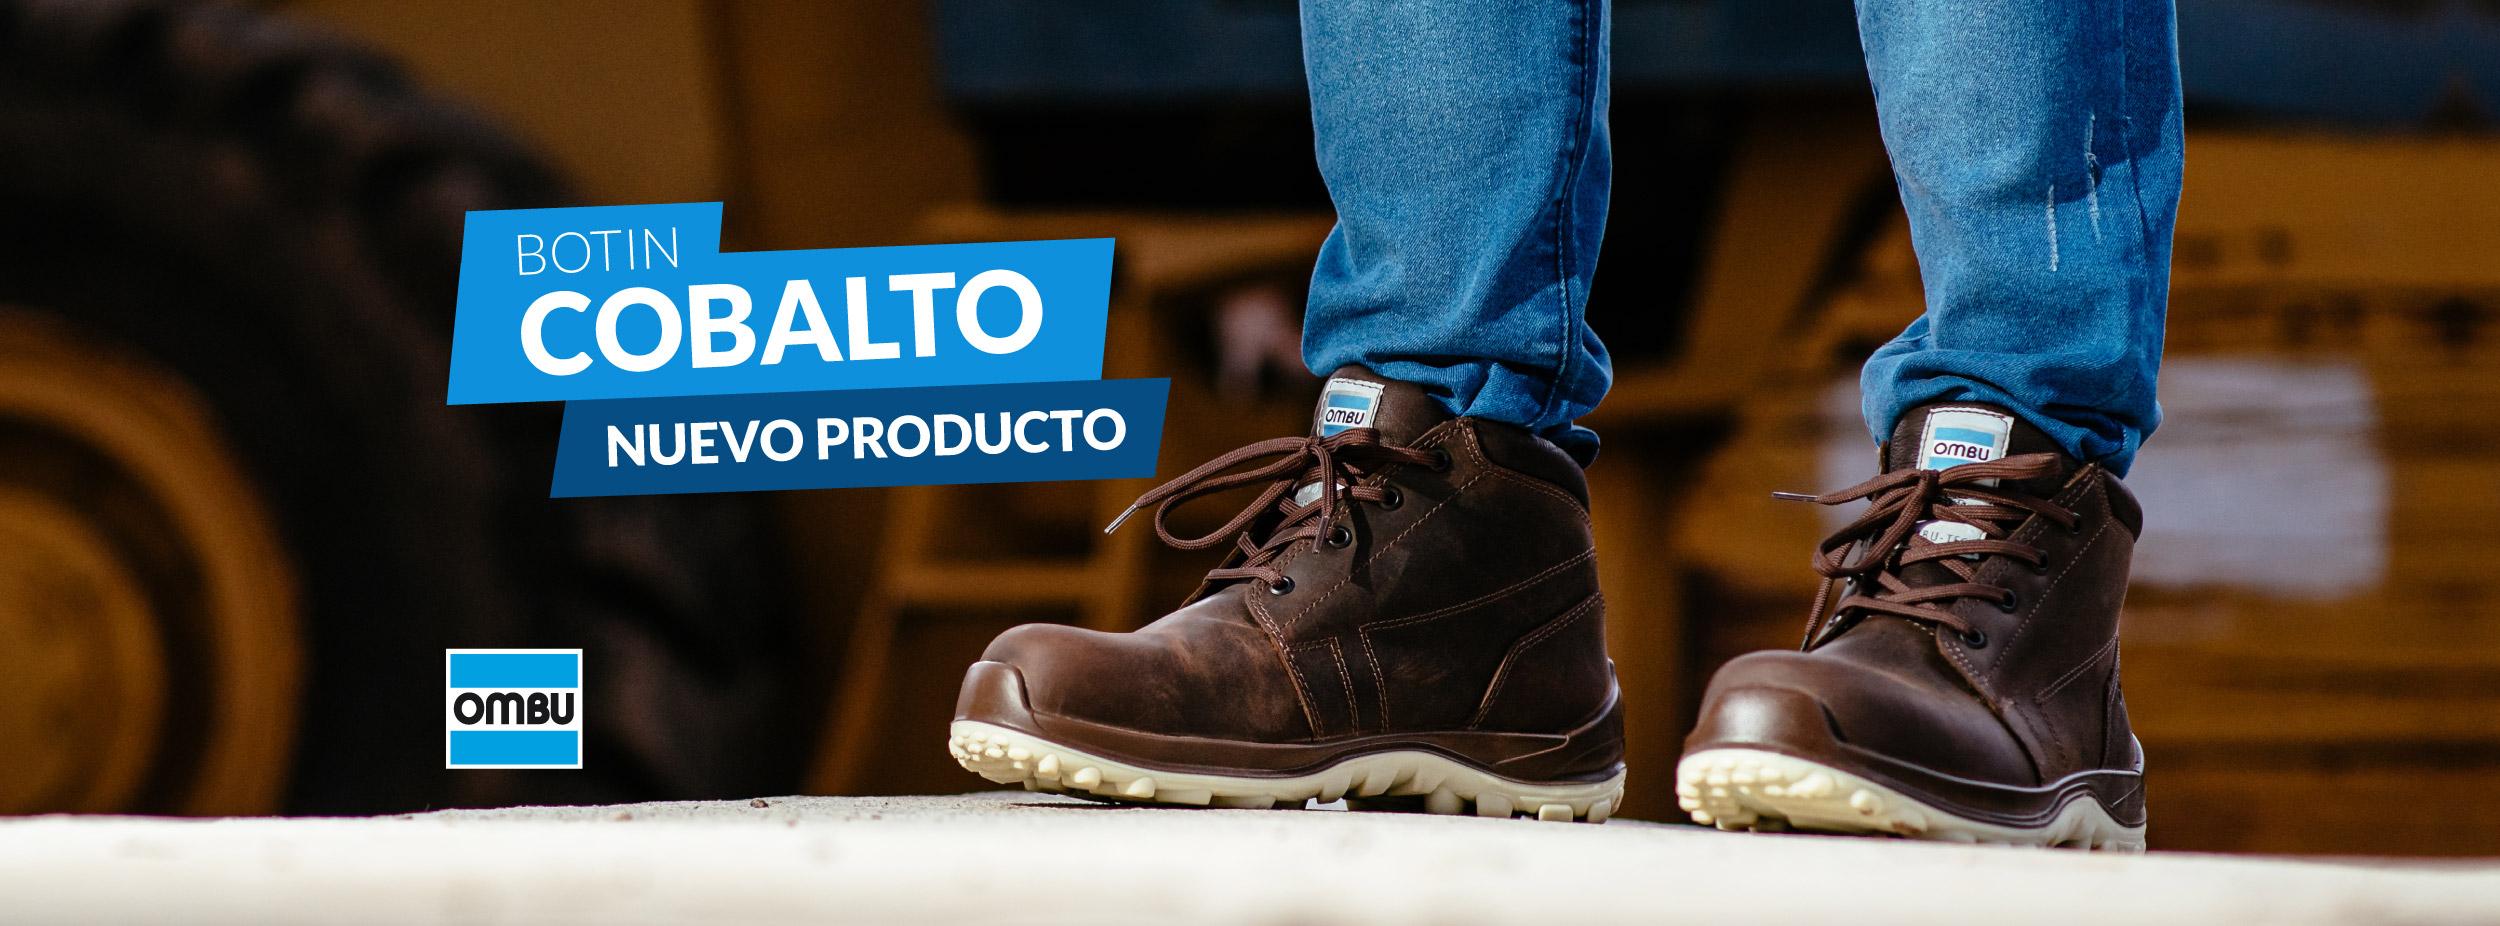 ¿Cómo elegir calzado de seguridad? Comodidad y protección